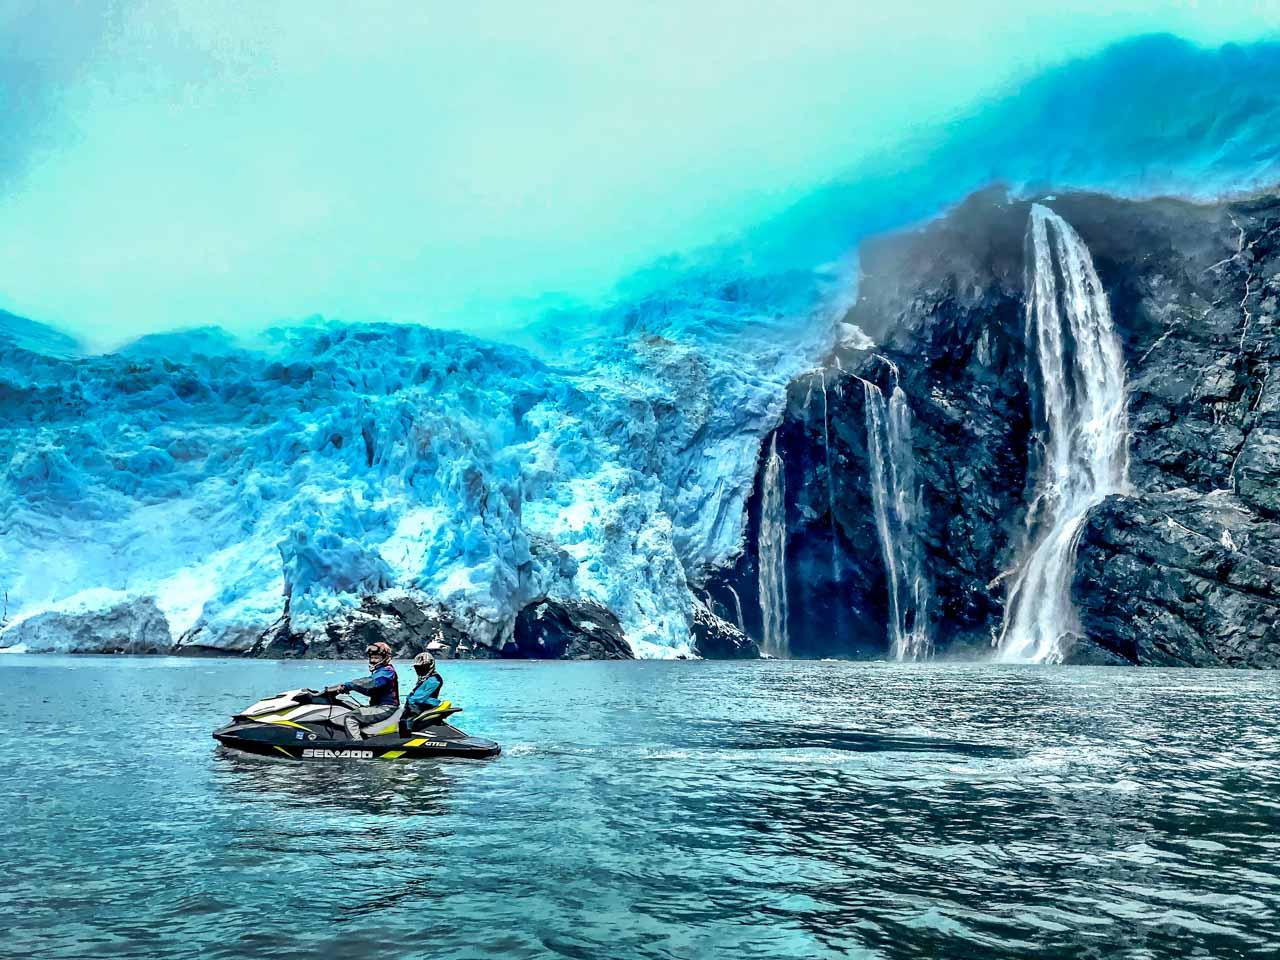 photo-11-1 Glacier Hunting in Wild Alaska, on a Jet Ski!